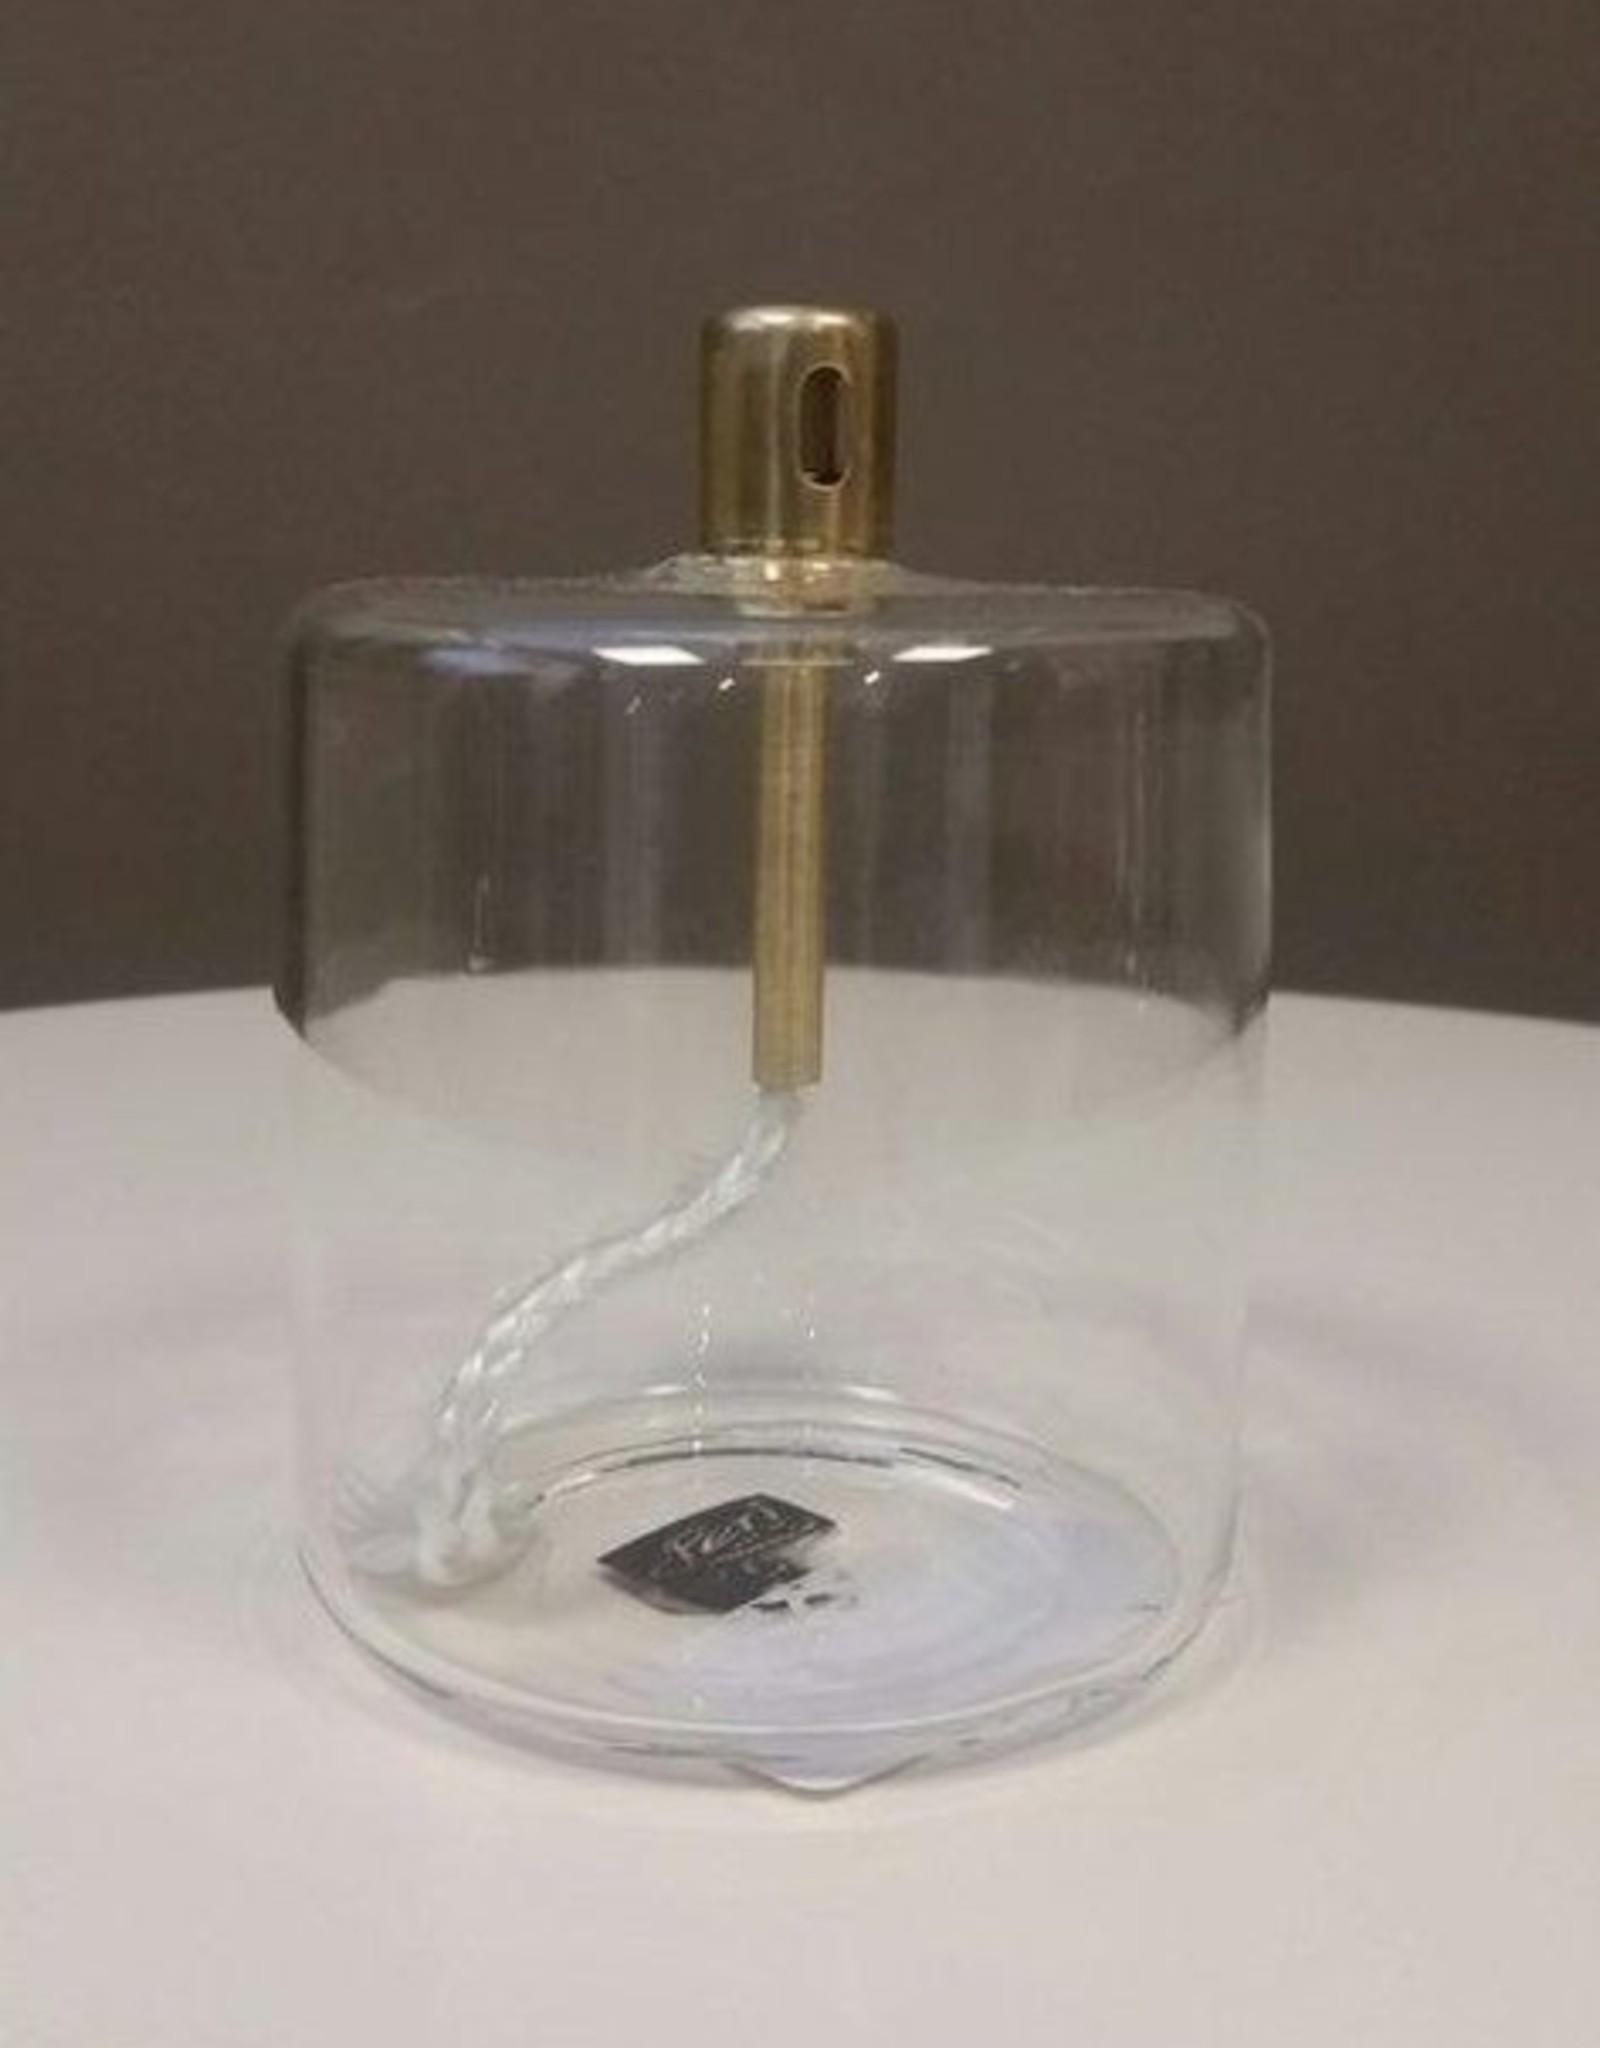 Peri Design Olie lamp cilinder 5,5 x 8 cm